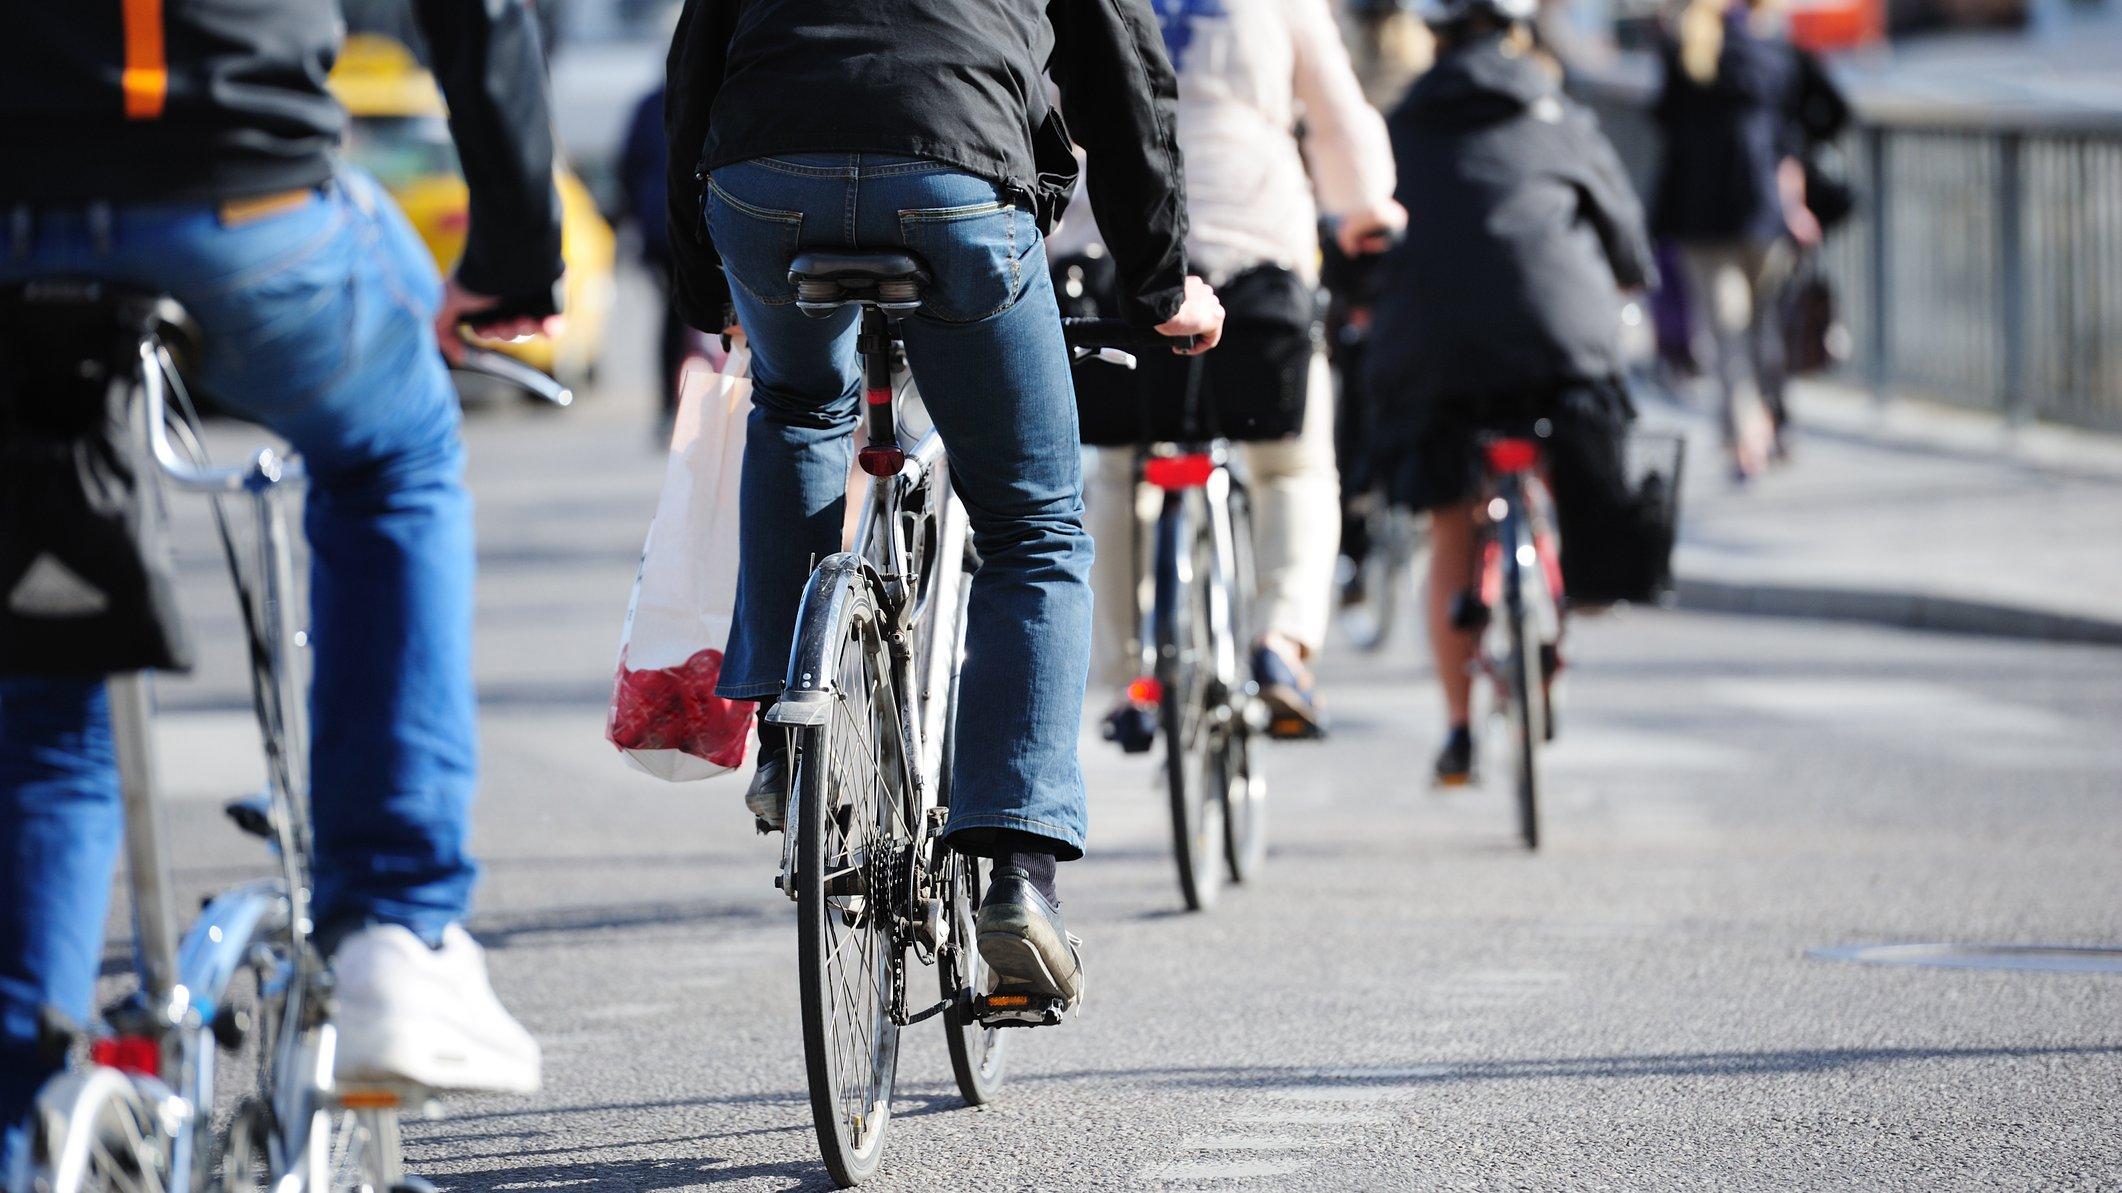 Cyklen er et godt eksempel på, hvordan man kan vælge en bæredygtig løsning på sin transport.